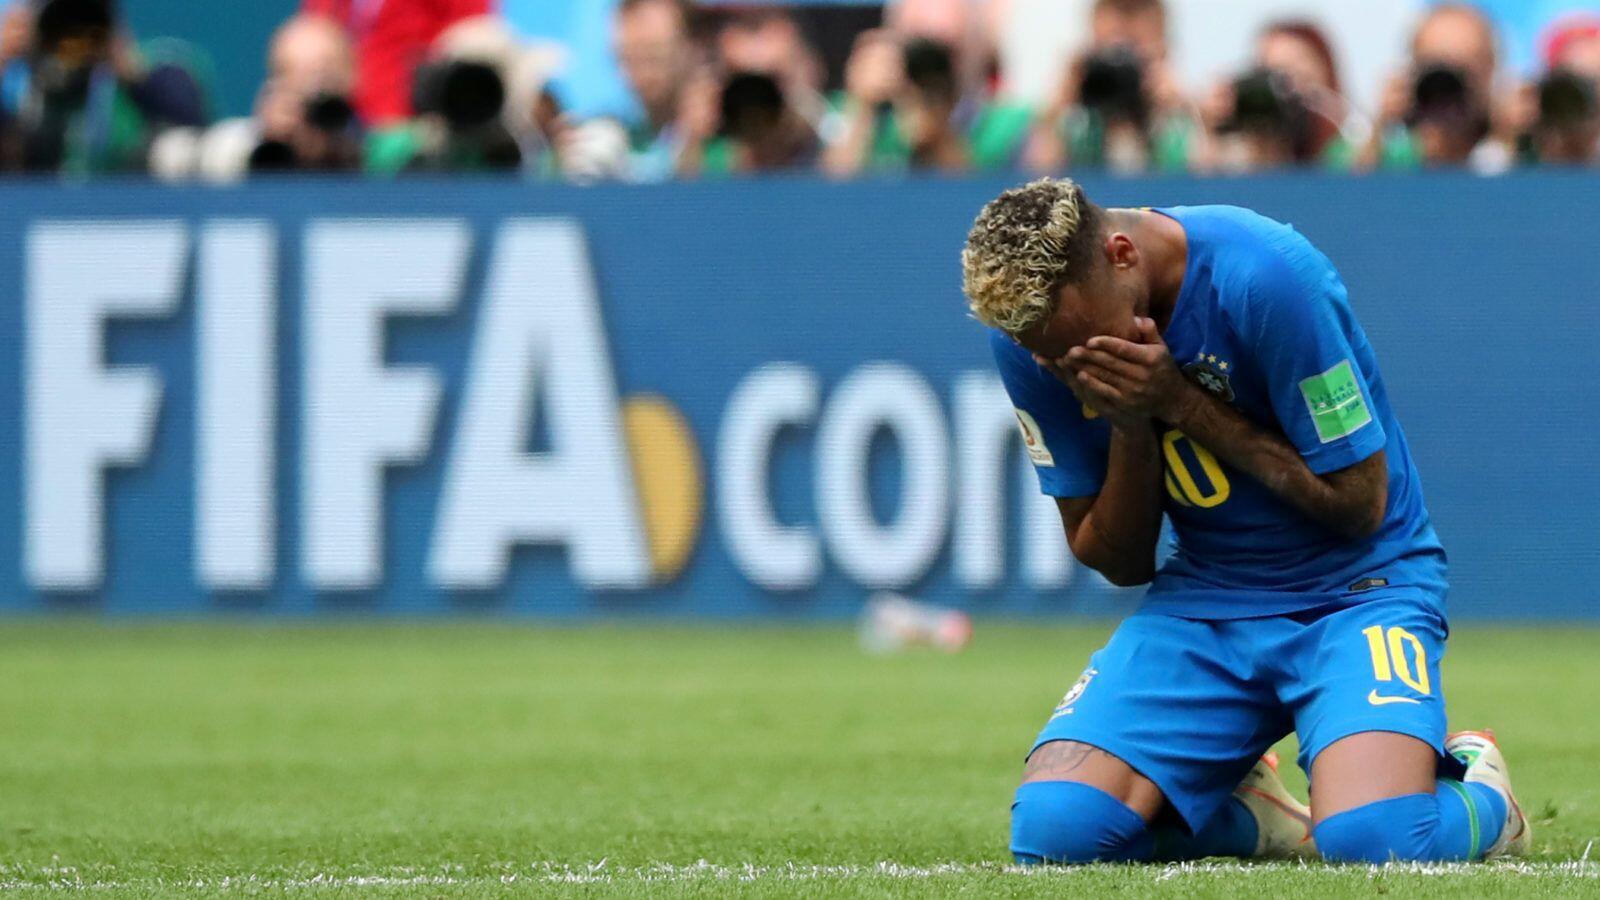 4 Ejekan Kocak Cantona untuk Neymar ini Bikin Jleb!